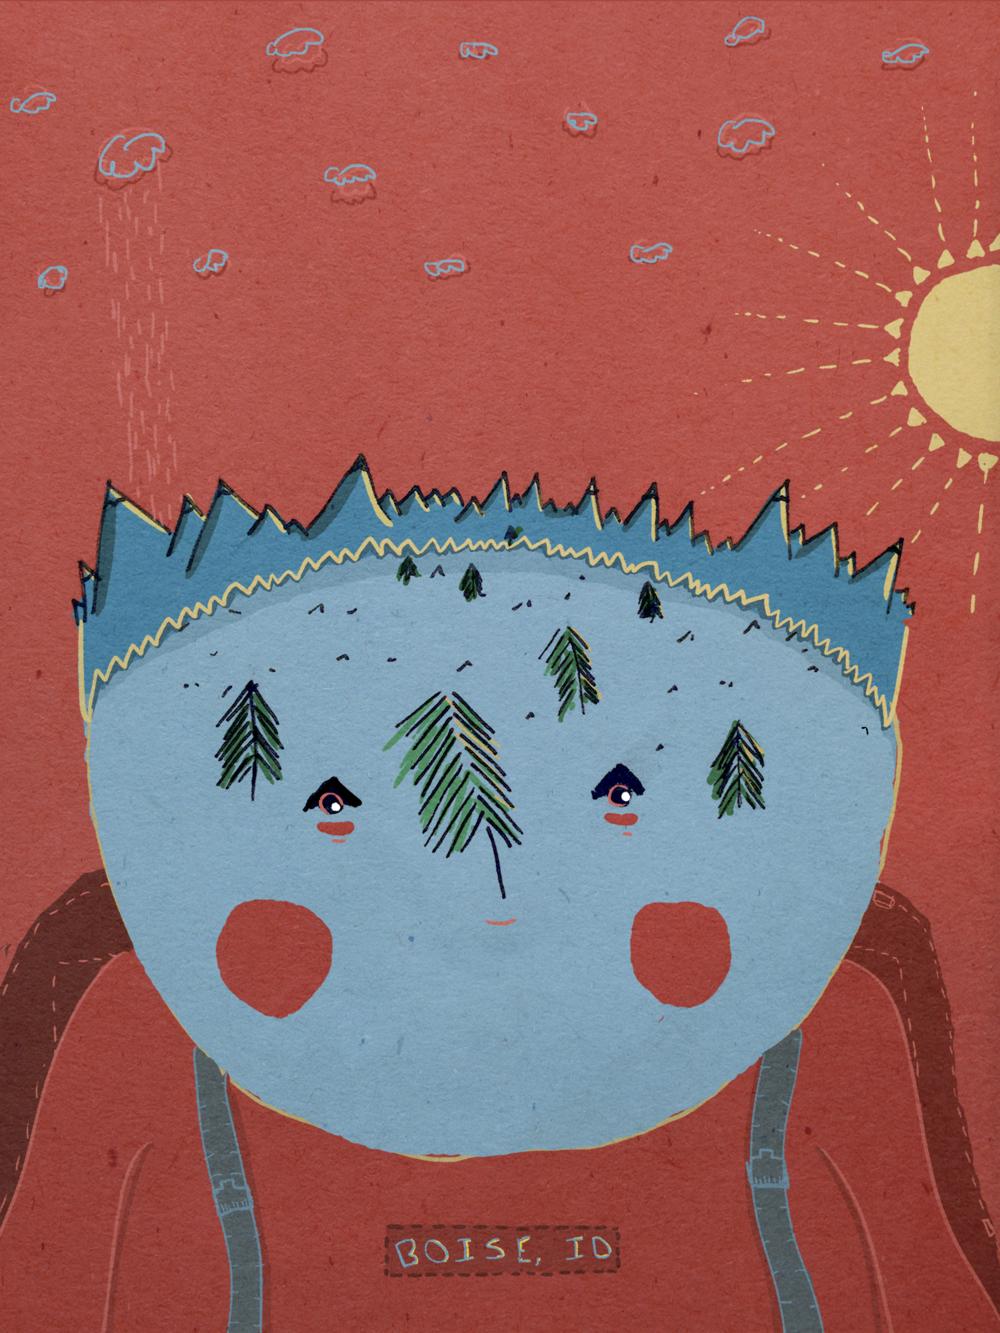 Boise_Illustration02 copy.PNG